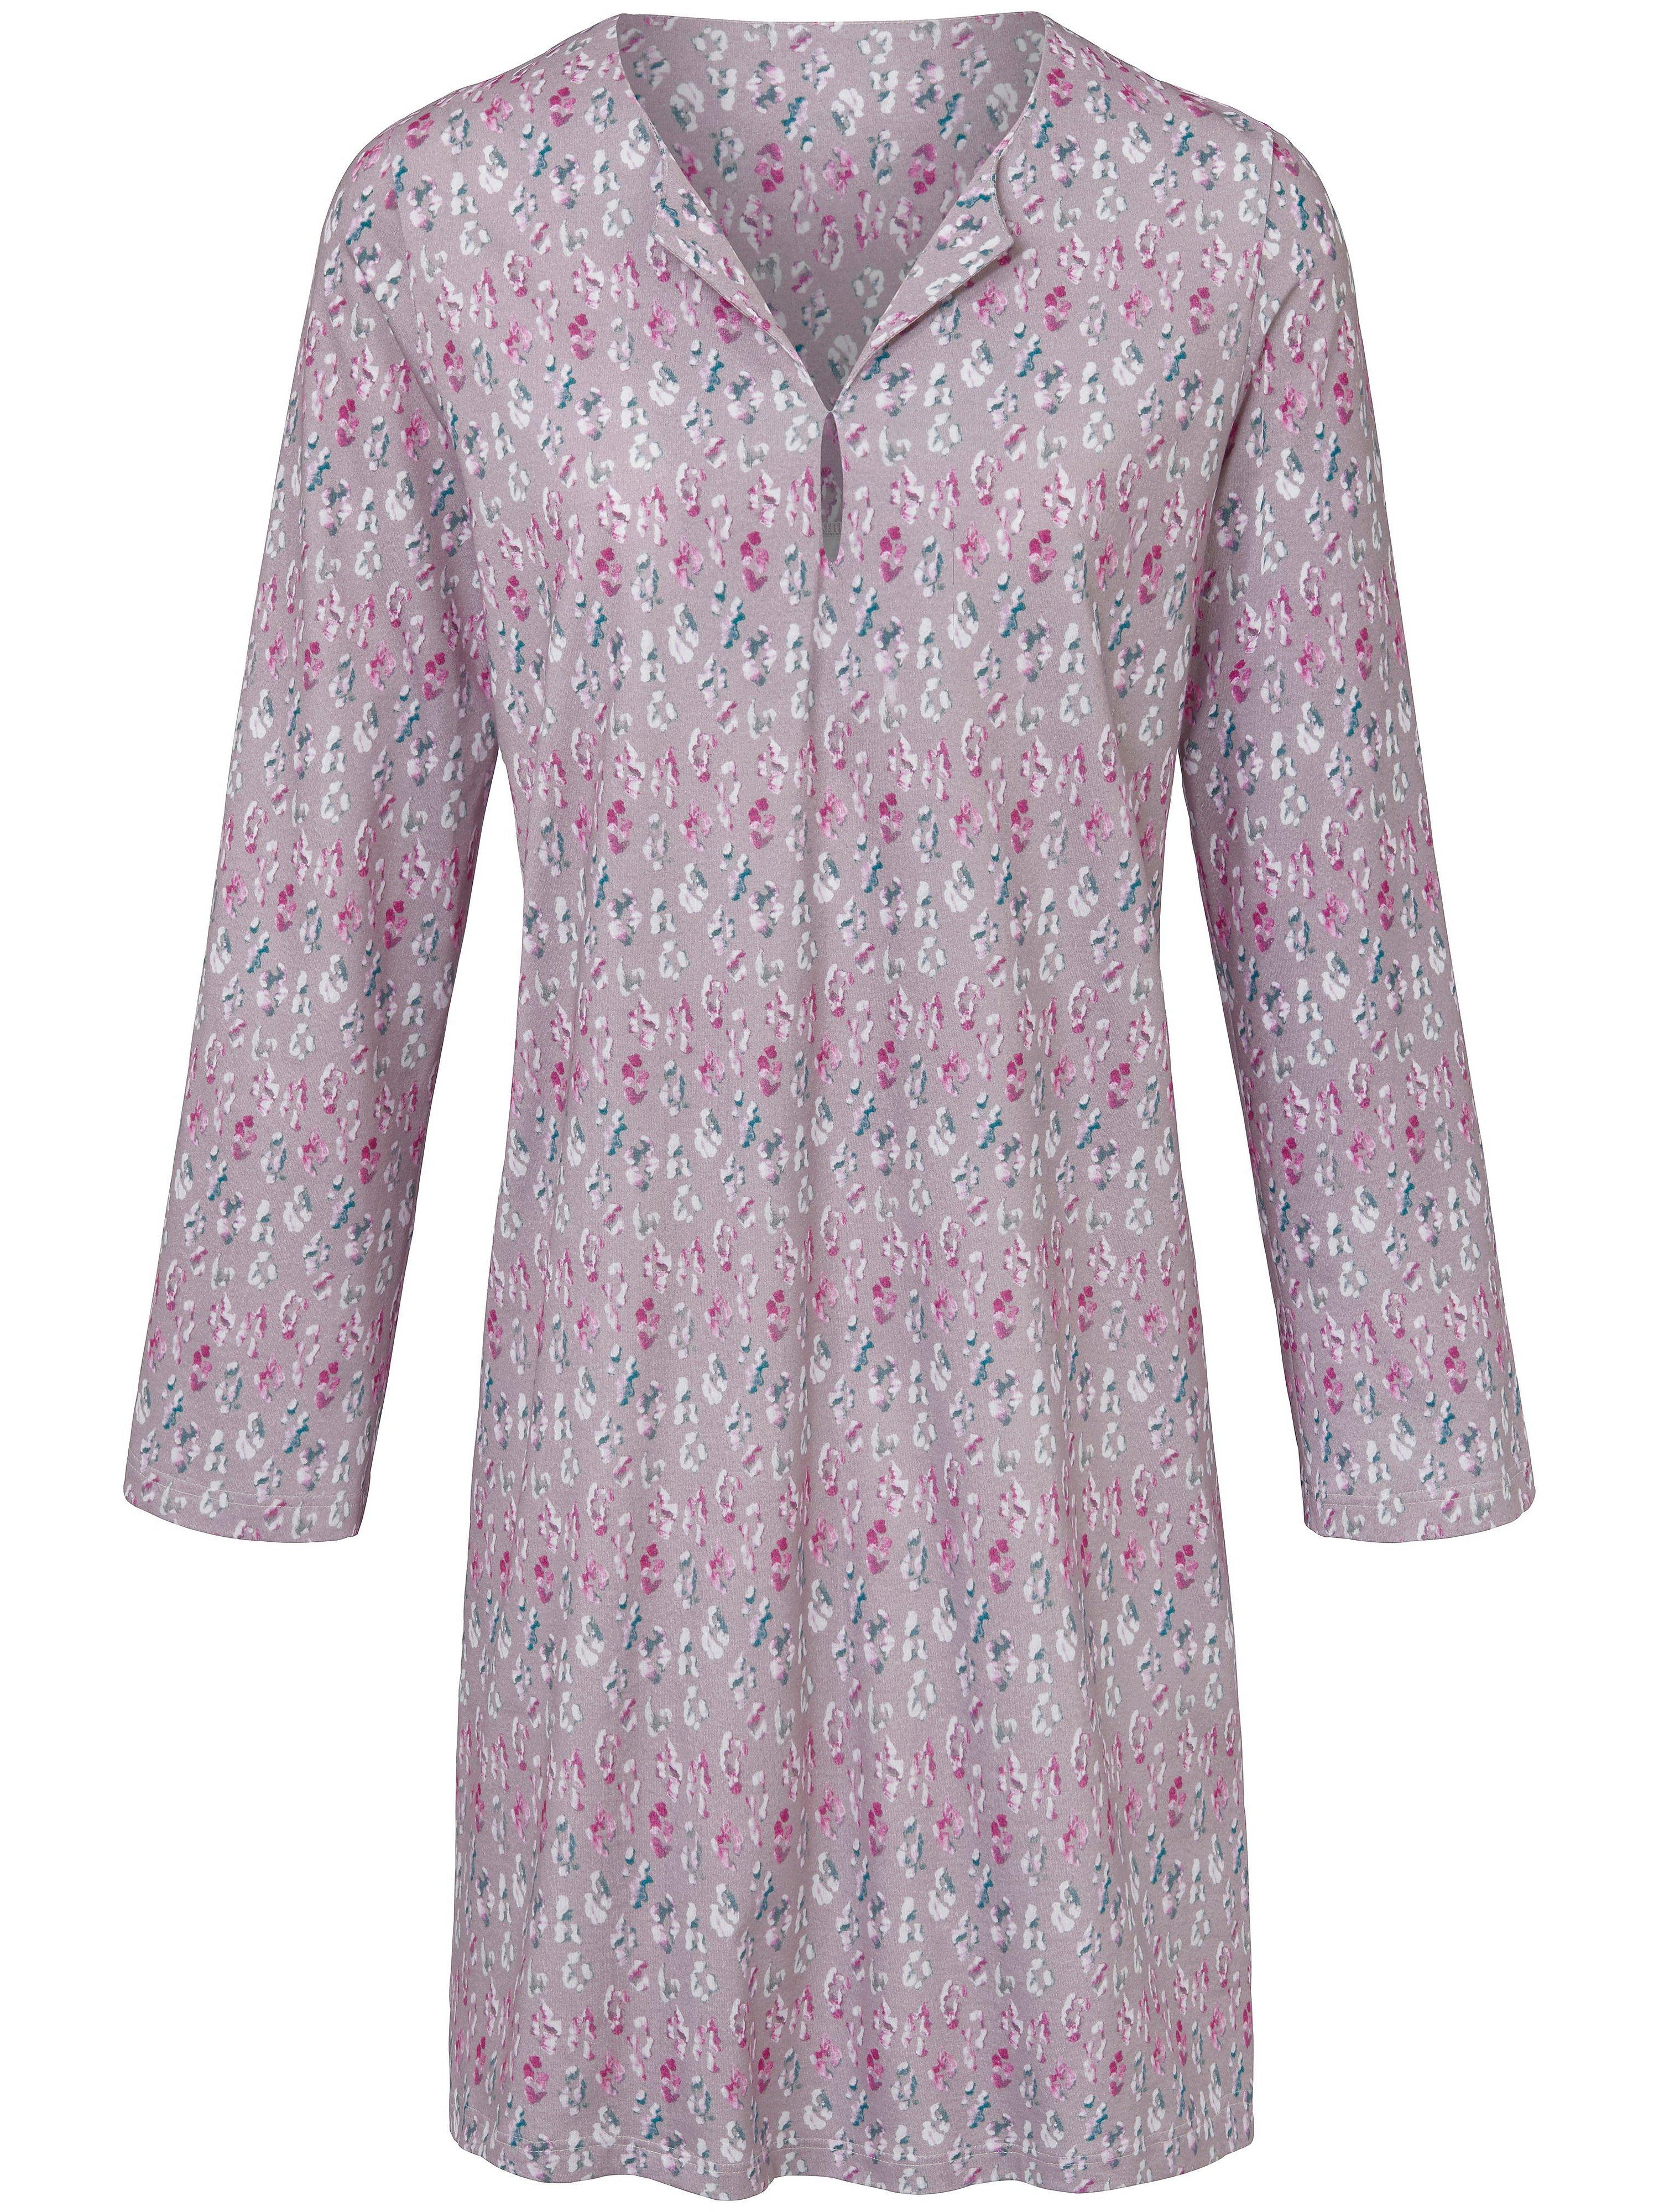 La chemise nuit 100% coton  Hautnah multicolore taille 38